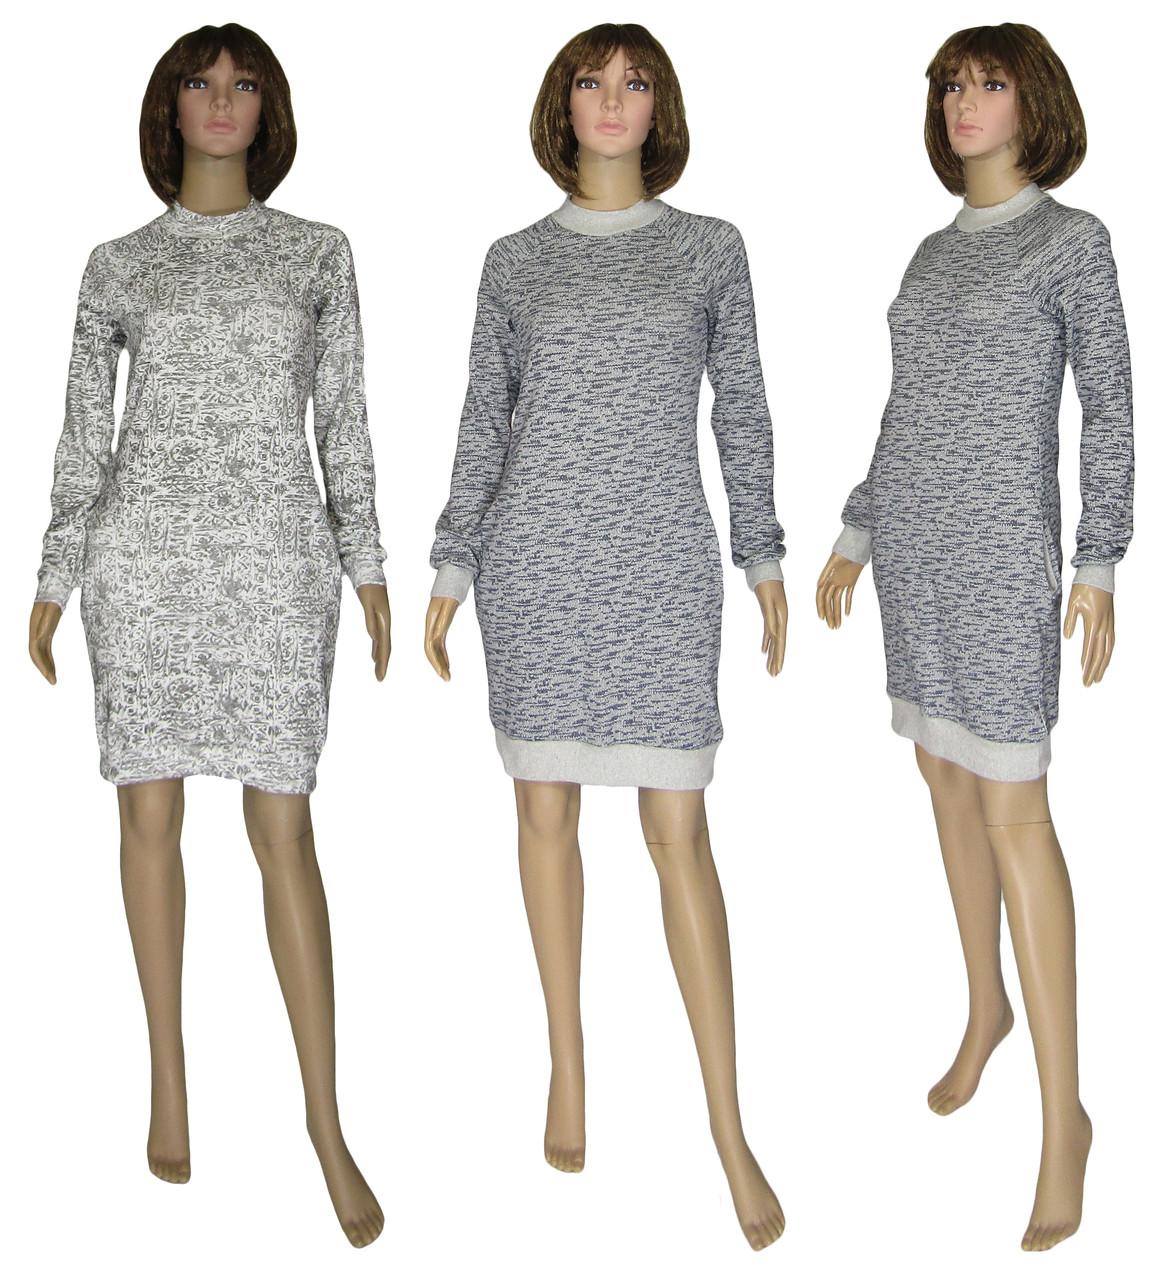 Платье женское теплое 18073 Redgen Grey Melange вязанный трикотаж стрейч-коттон начес, р.р.42-56